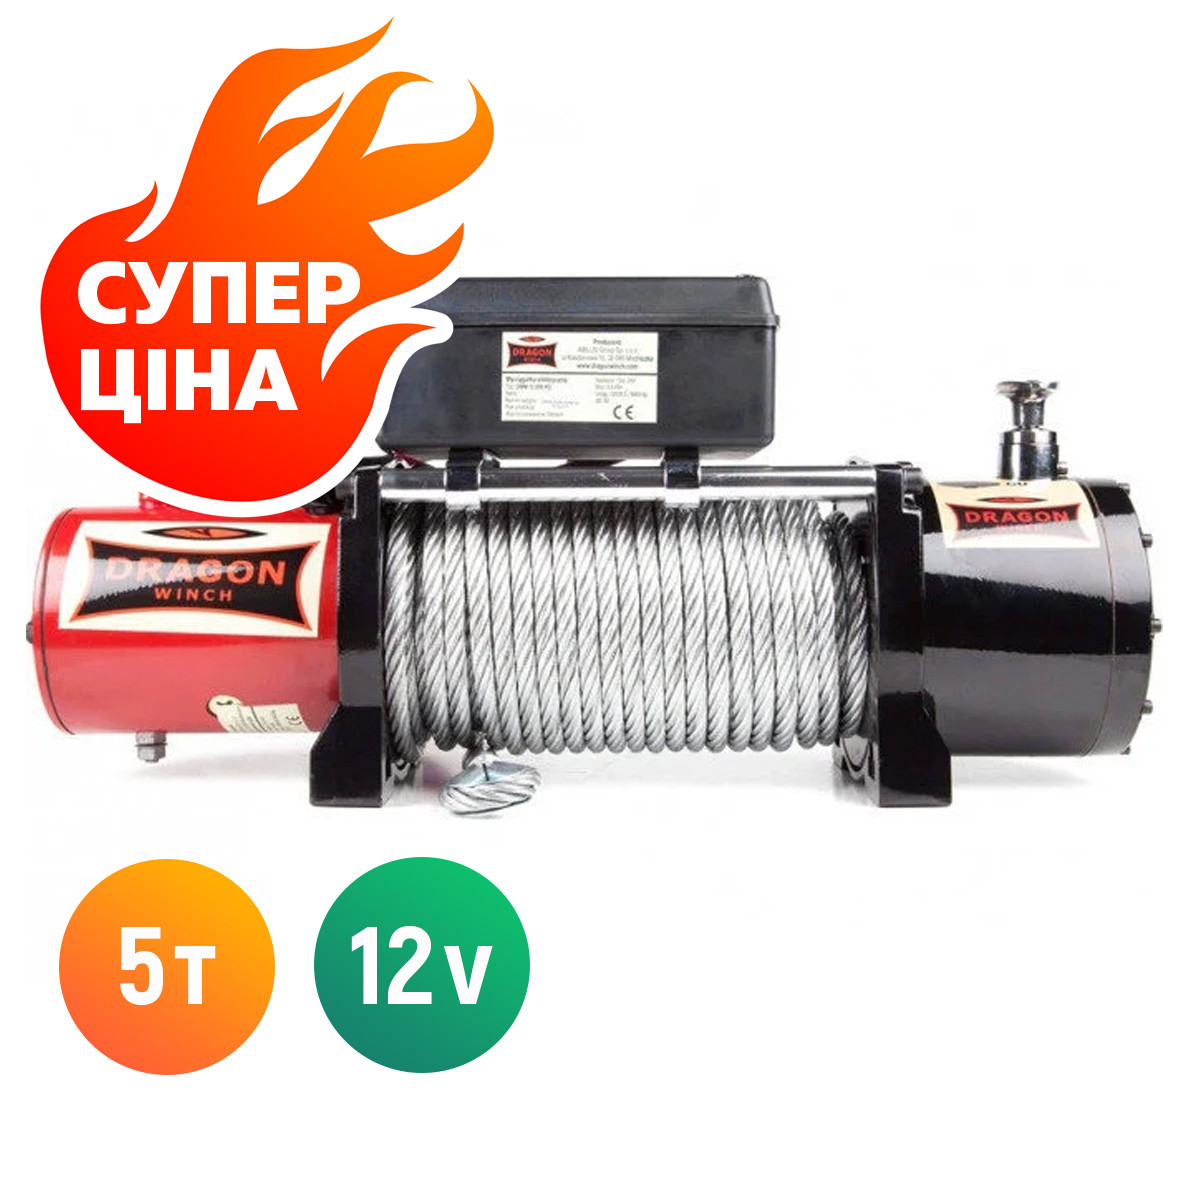 ✅Лебедка электрическая DRAGON WINCH DWM 12000 HD на 5,5т. электролебедка автомобильная 12 вольт